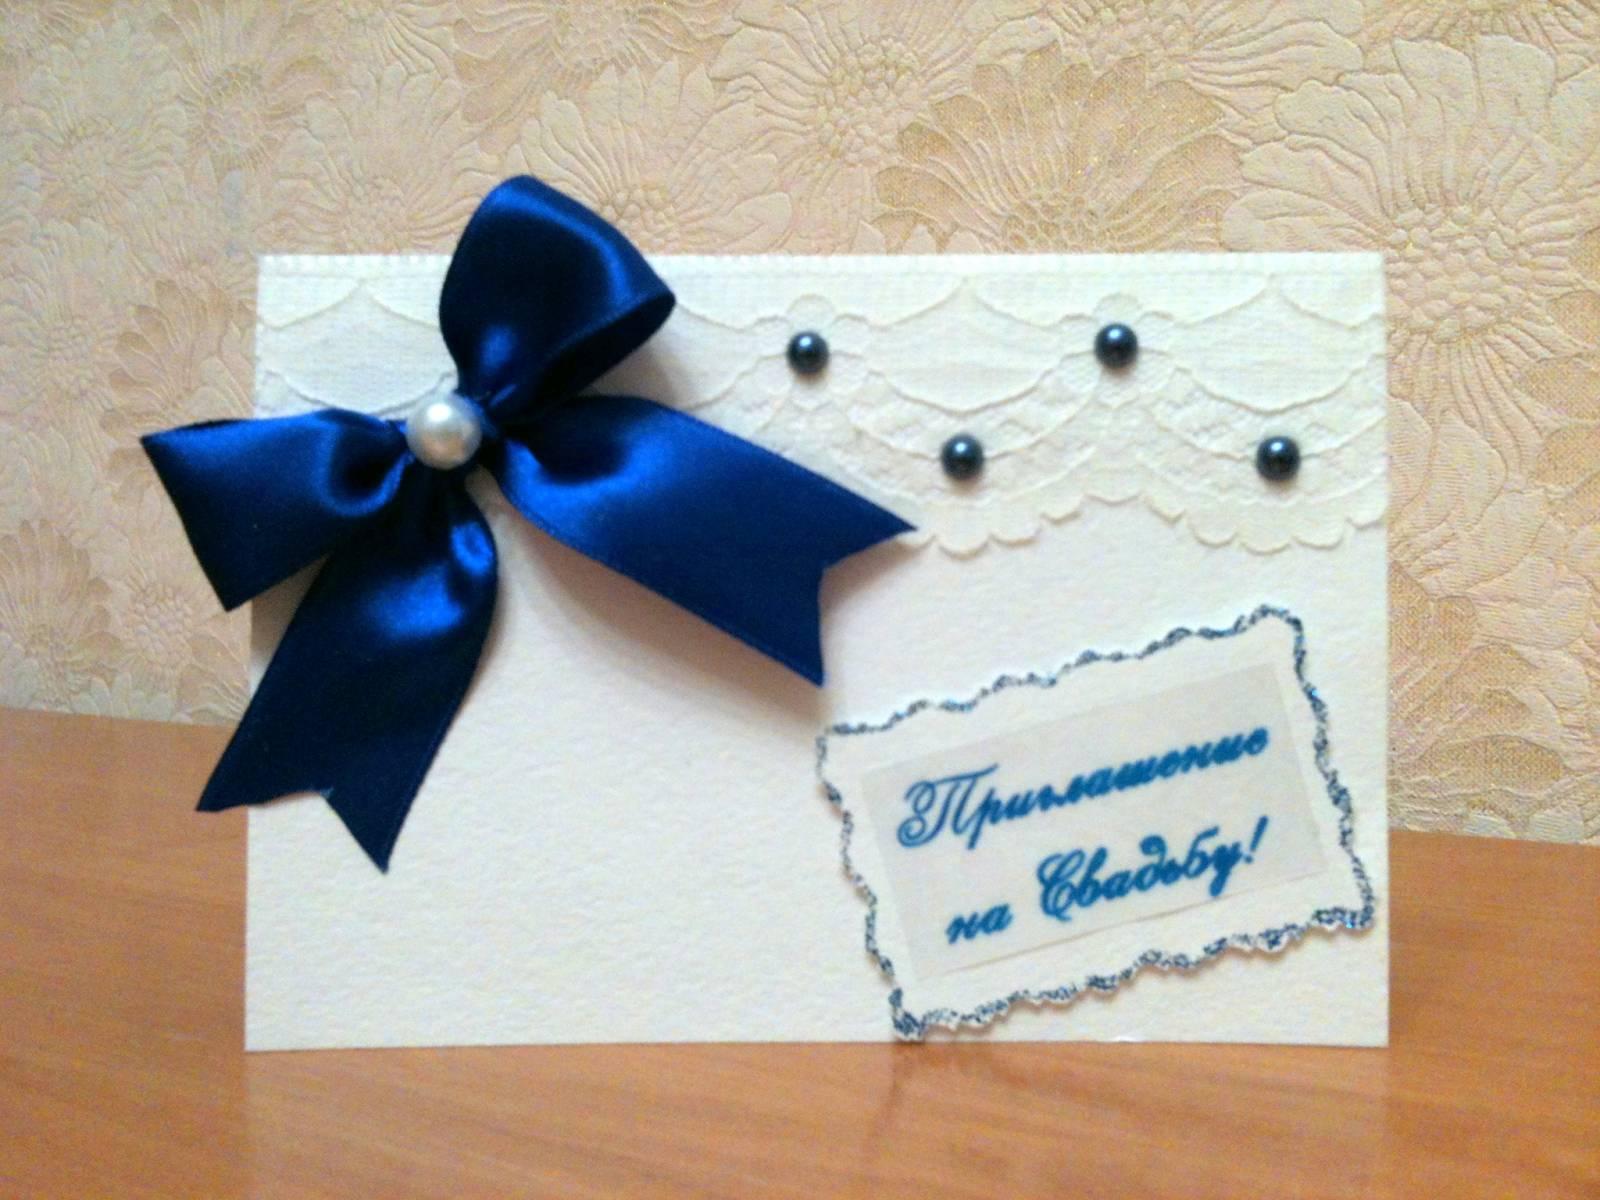 Пригласительные на свадьбу своими руками синие с белым